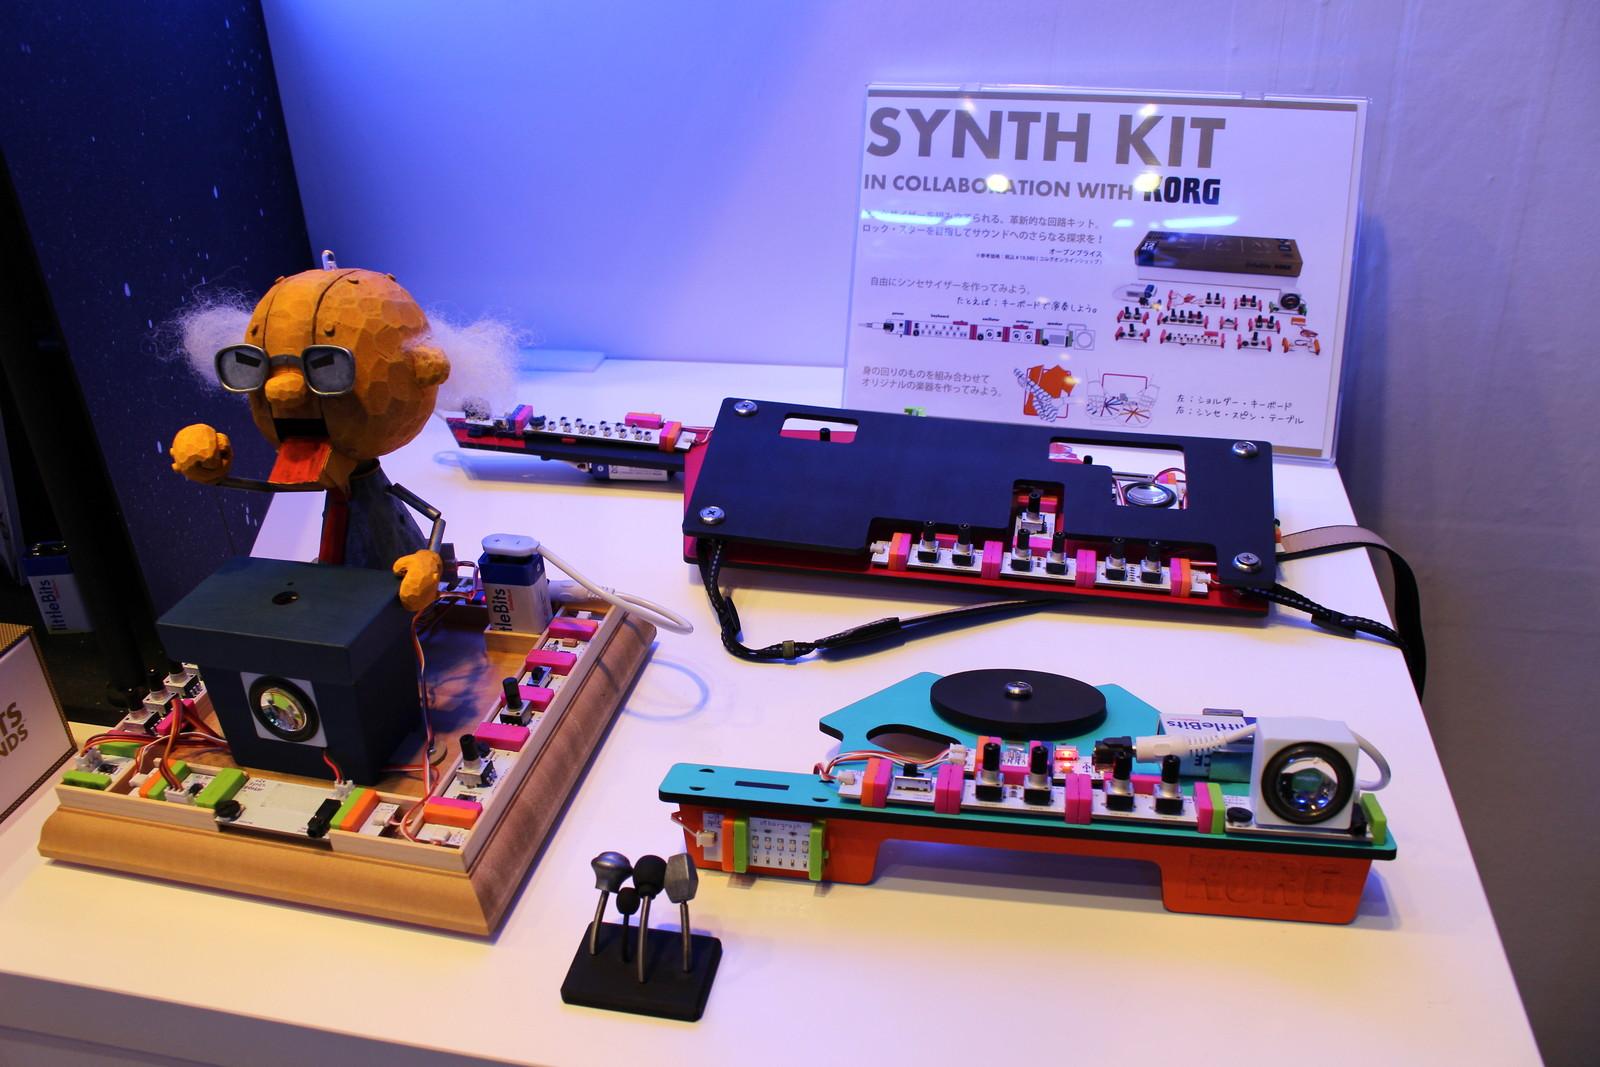 アナログシンセサイザーを工作する「SYNTH KIT」